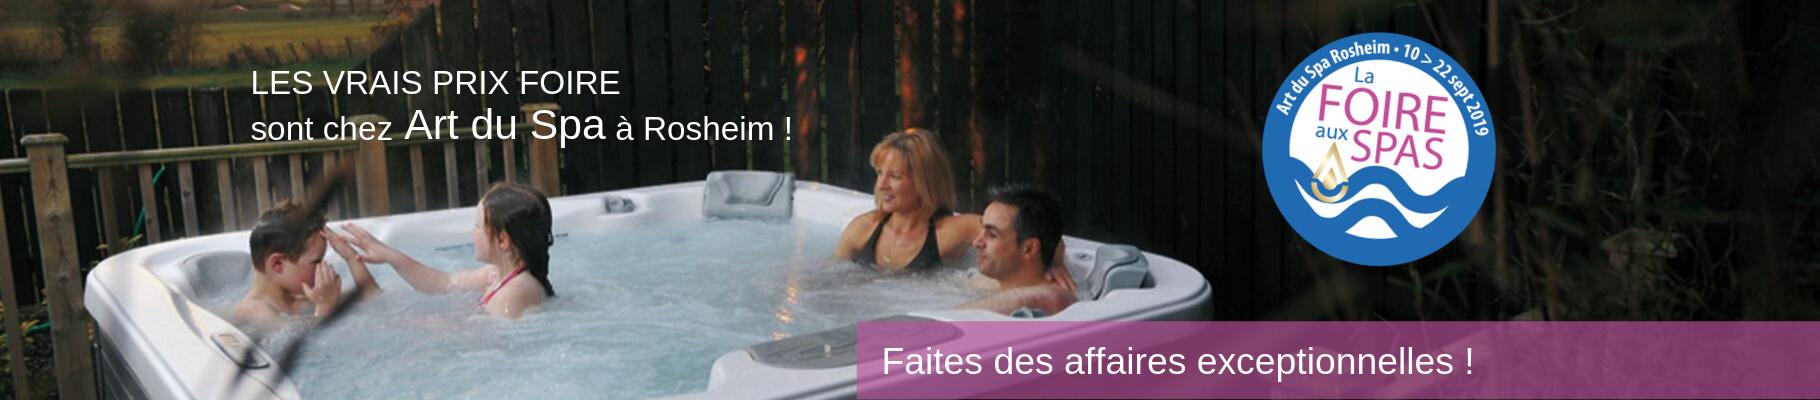 Invitation Foire aux spas